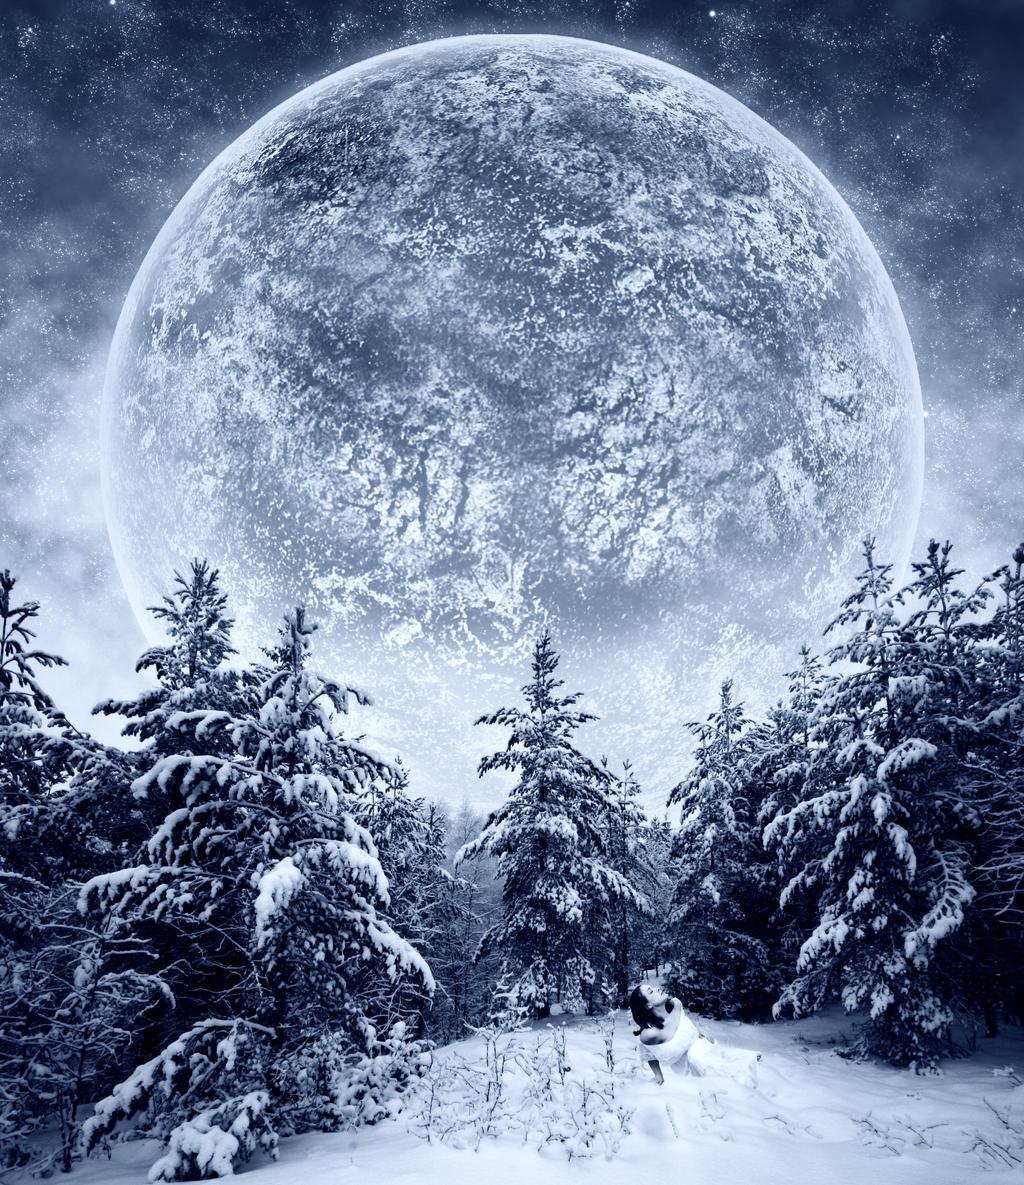 winter snow mountain moon - photo #34